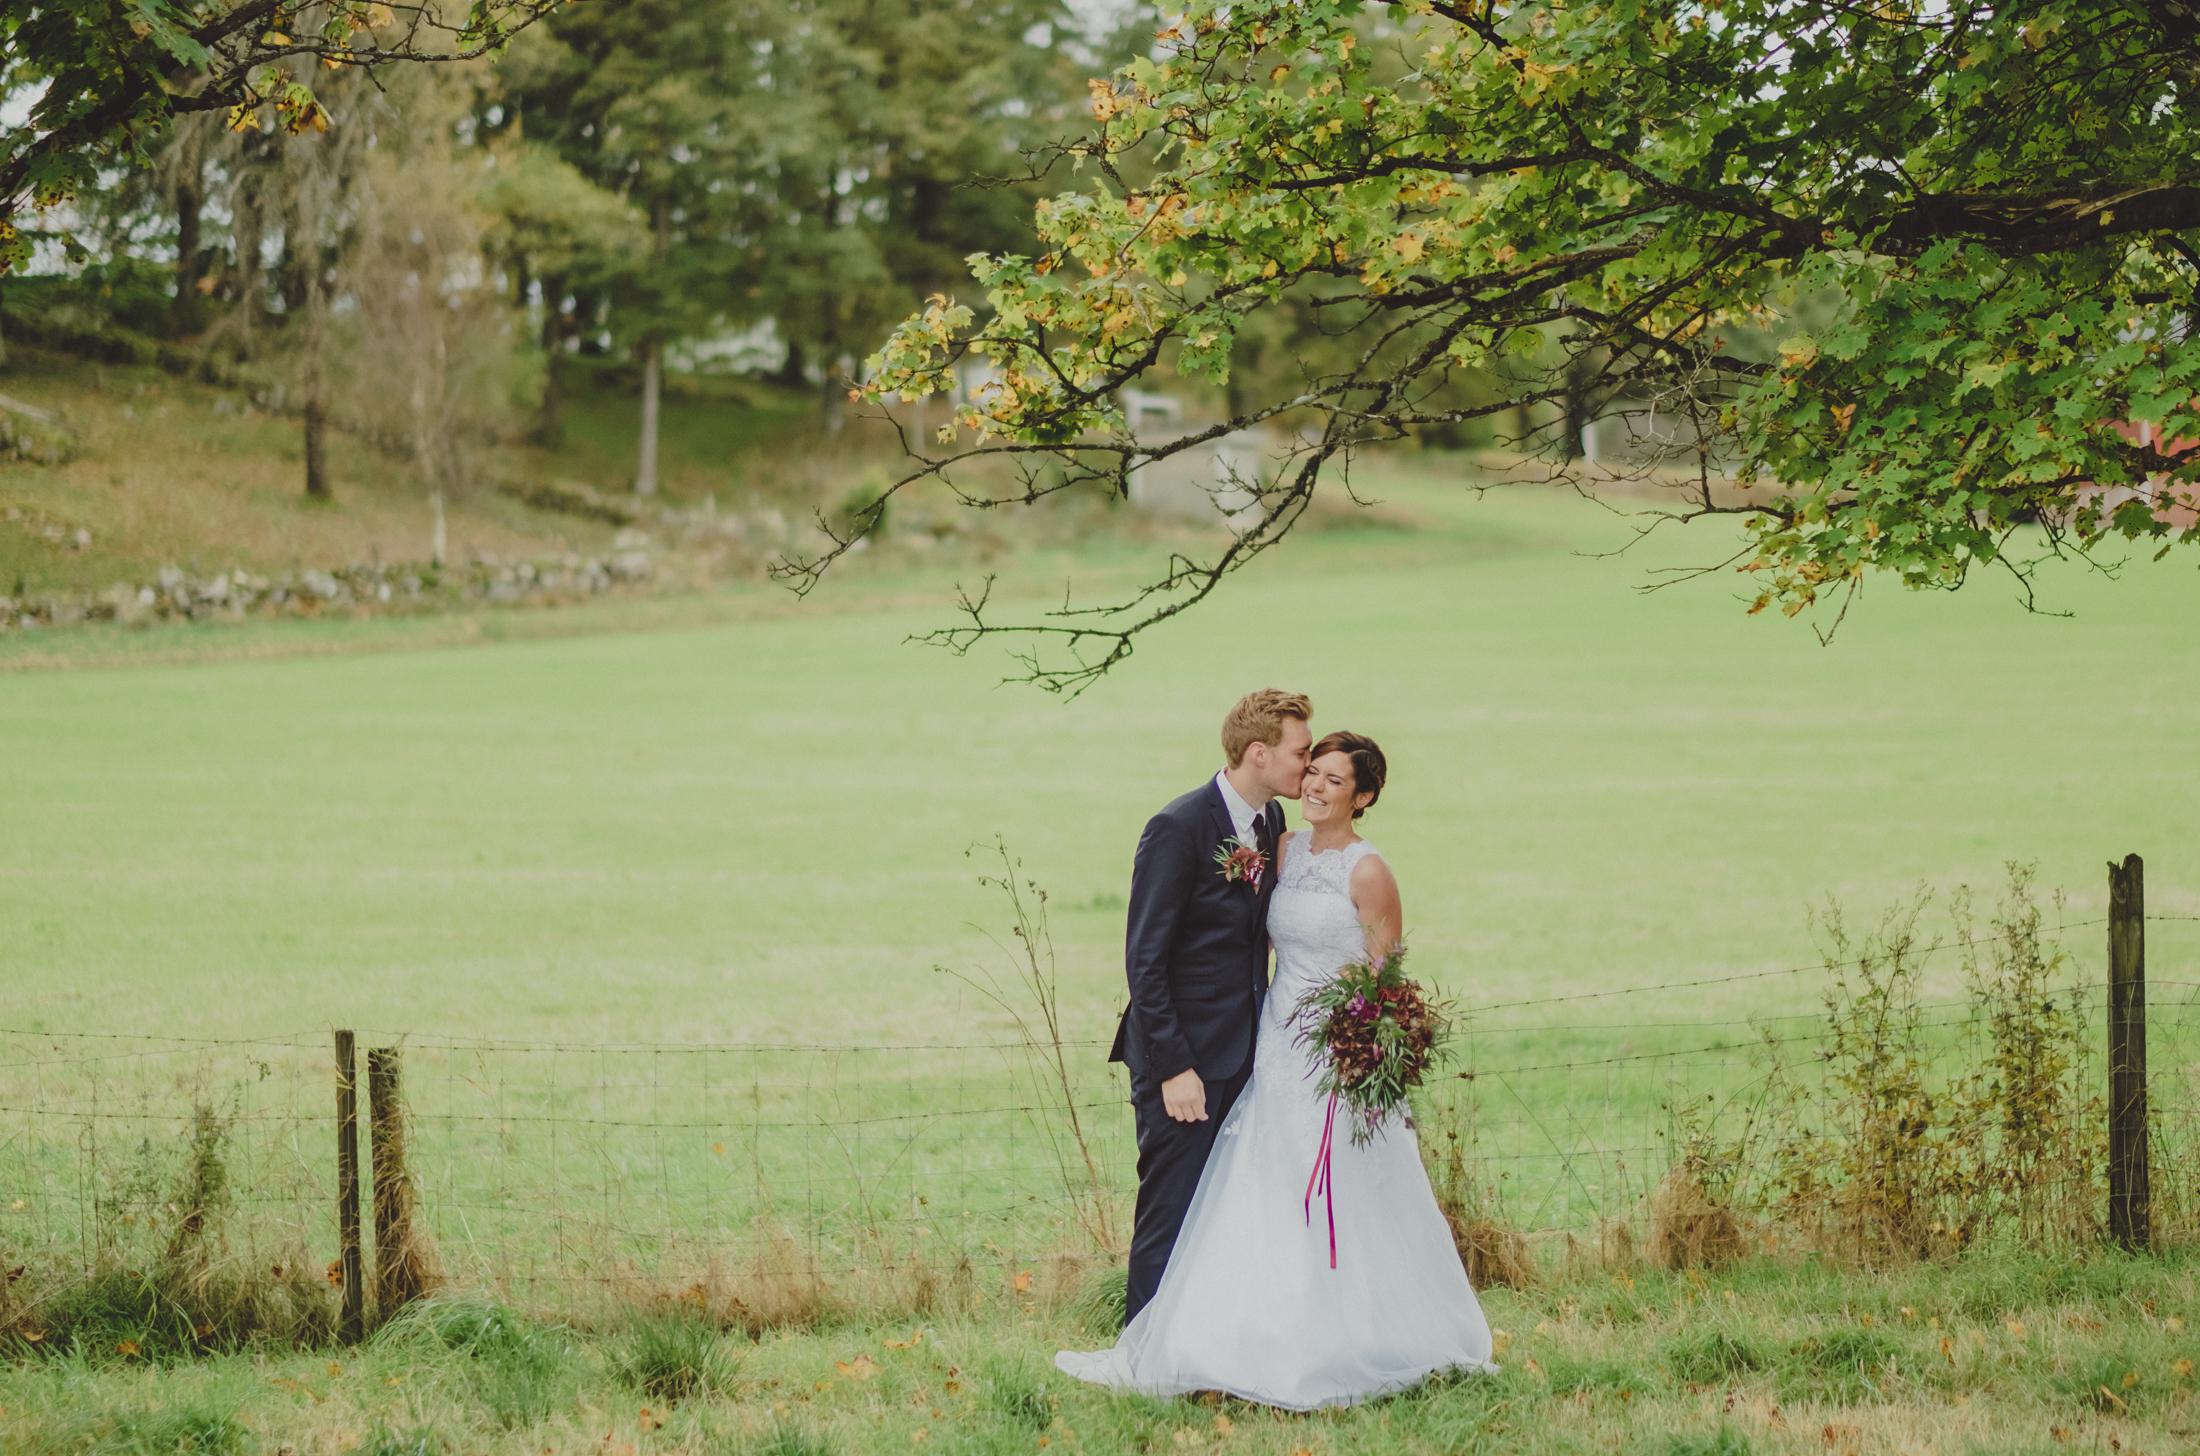 bröllopsfoto-fotograf-max-norin-66.jpg